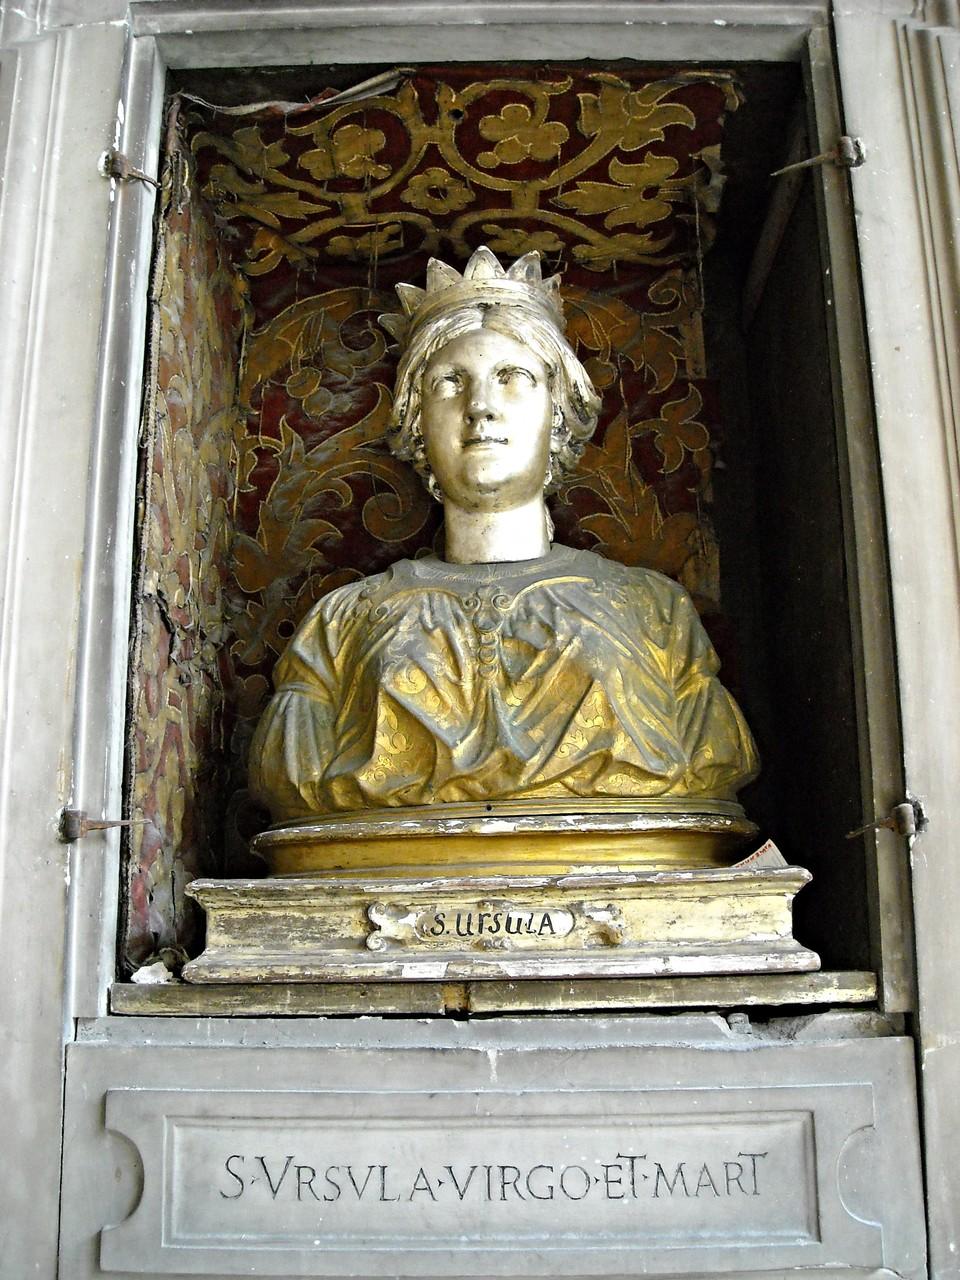 Busto-reliquiario di S. Orsola vergine e martire